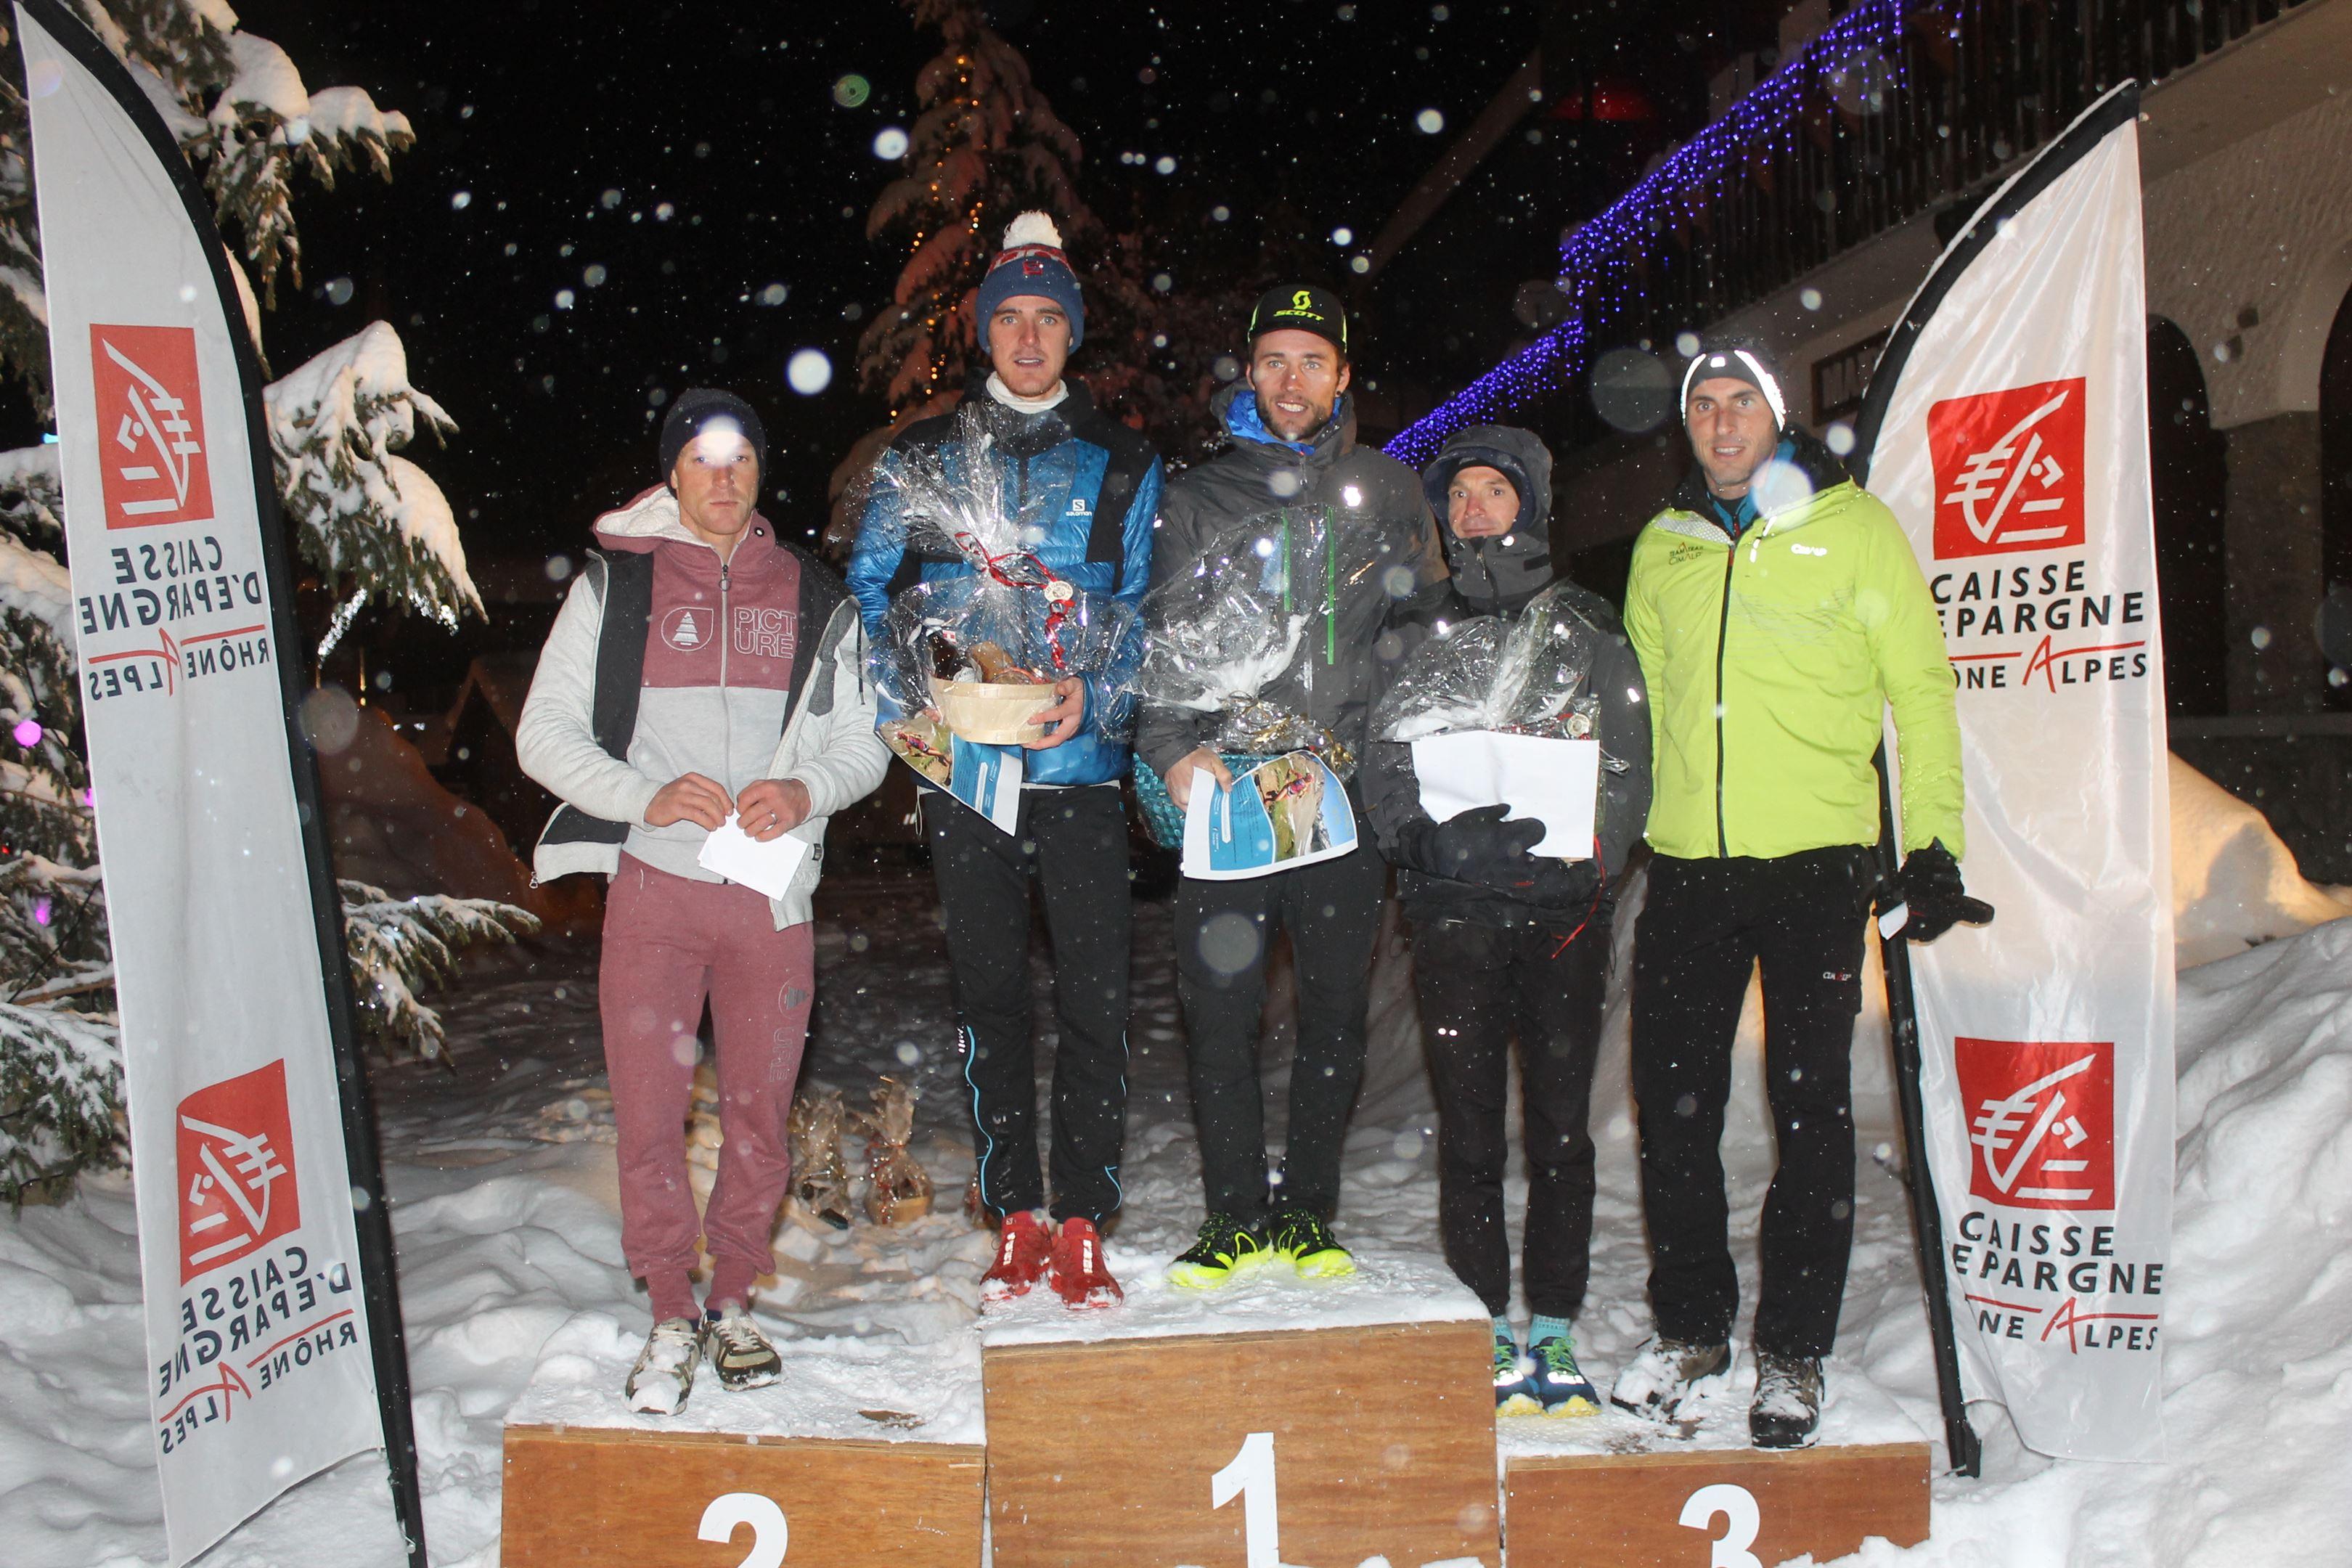 copie 0 podium hommes du 14km - RESULTATS ET COMMENTAIRES DU TRAIL DE L'INUIT (PRALOGNAN-LA-VANOISE 73) 20/01/2018